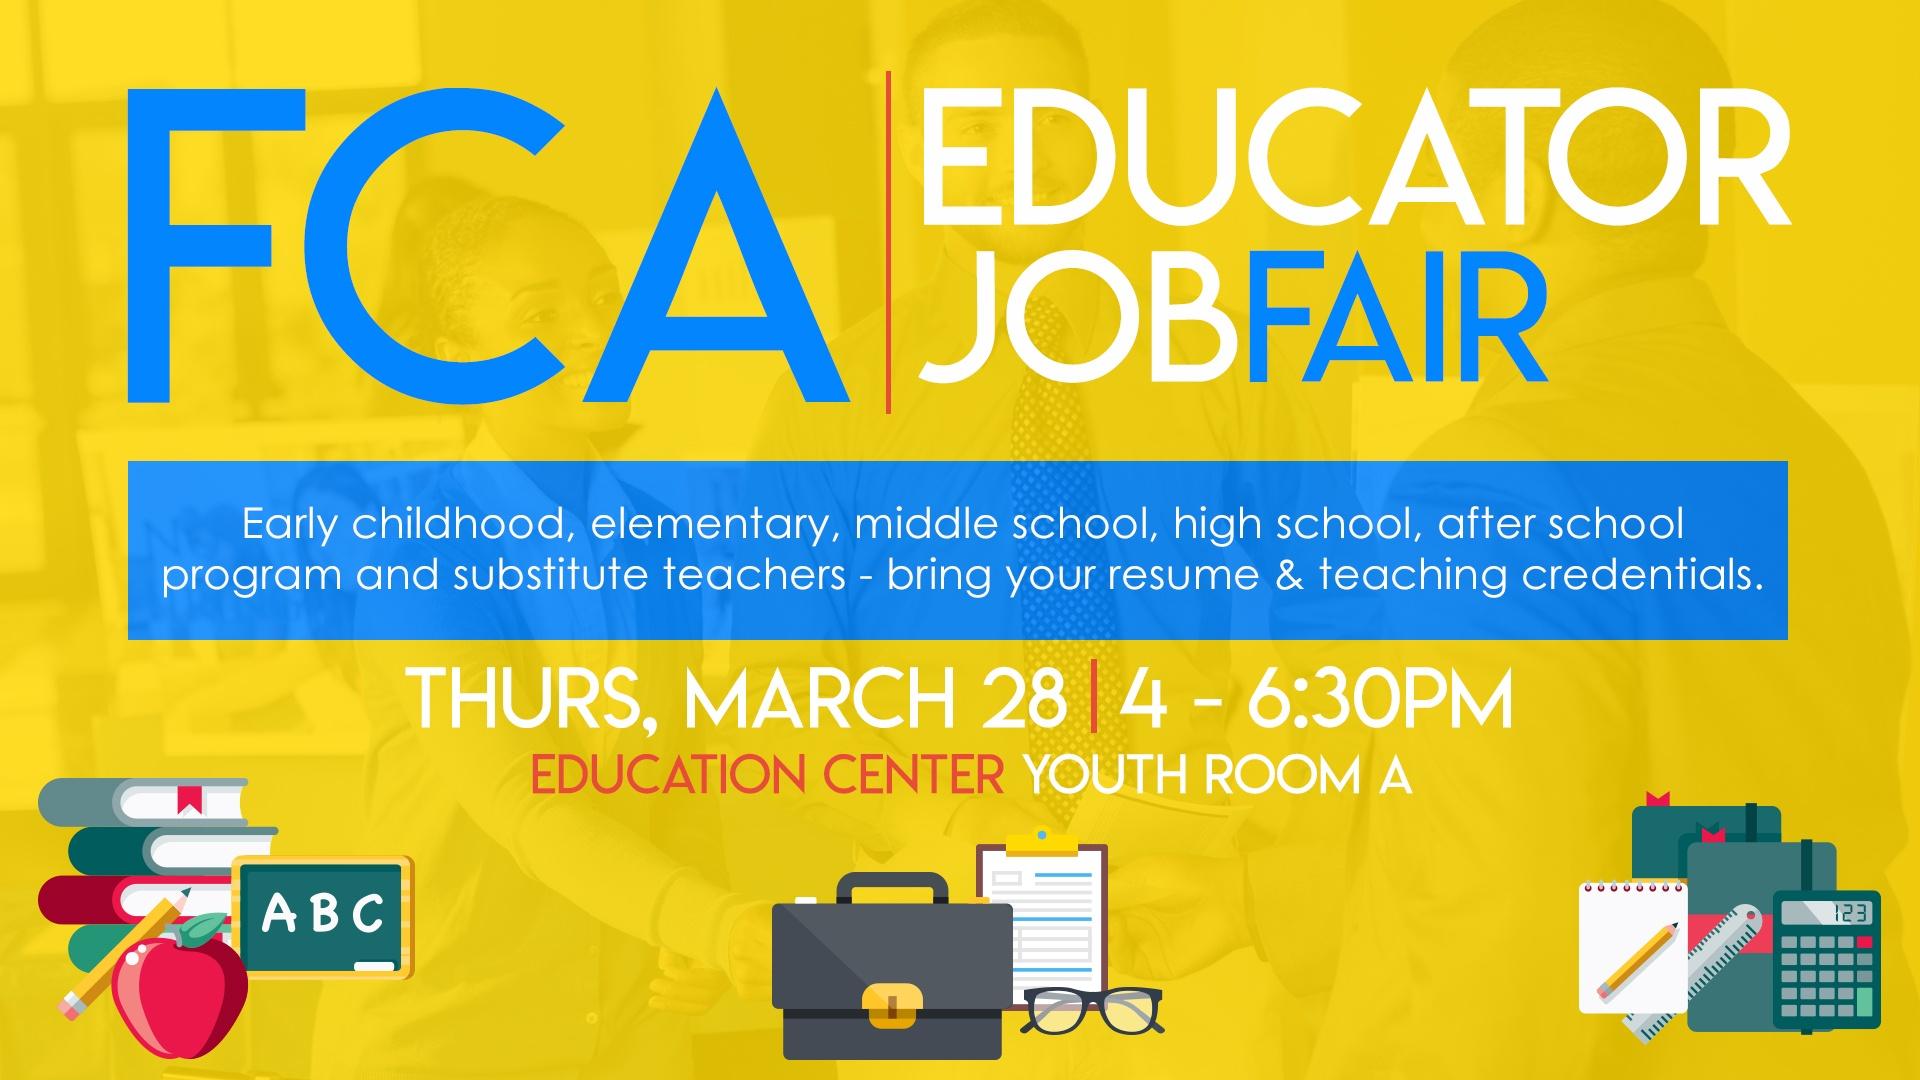 FCA Educator Job Fair